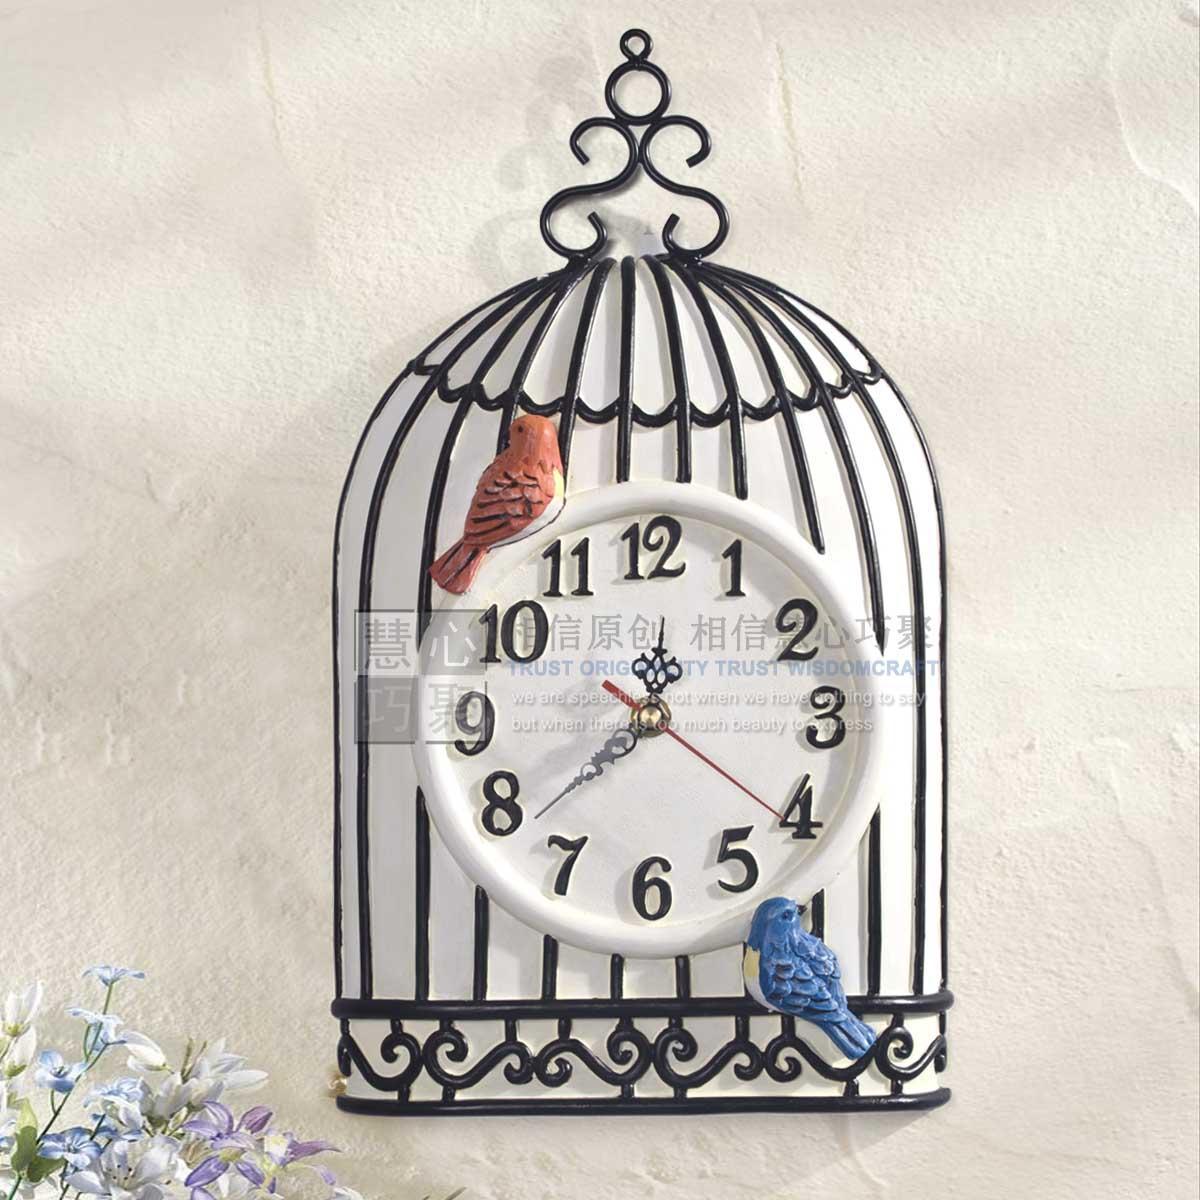 【9折】2013新品慧心独家欧式田园艺术时钟创意鸟笼